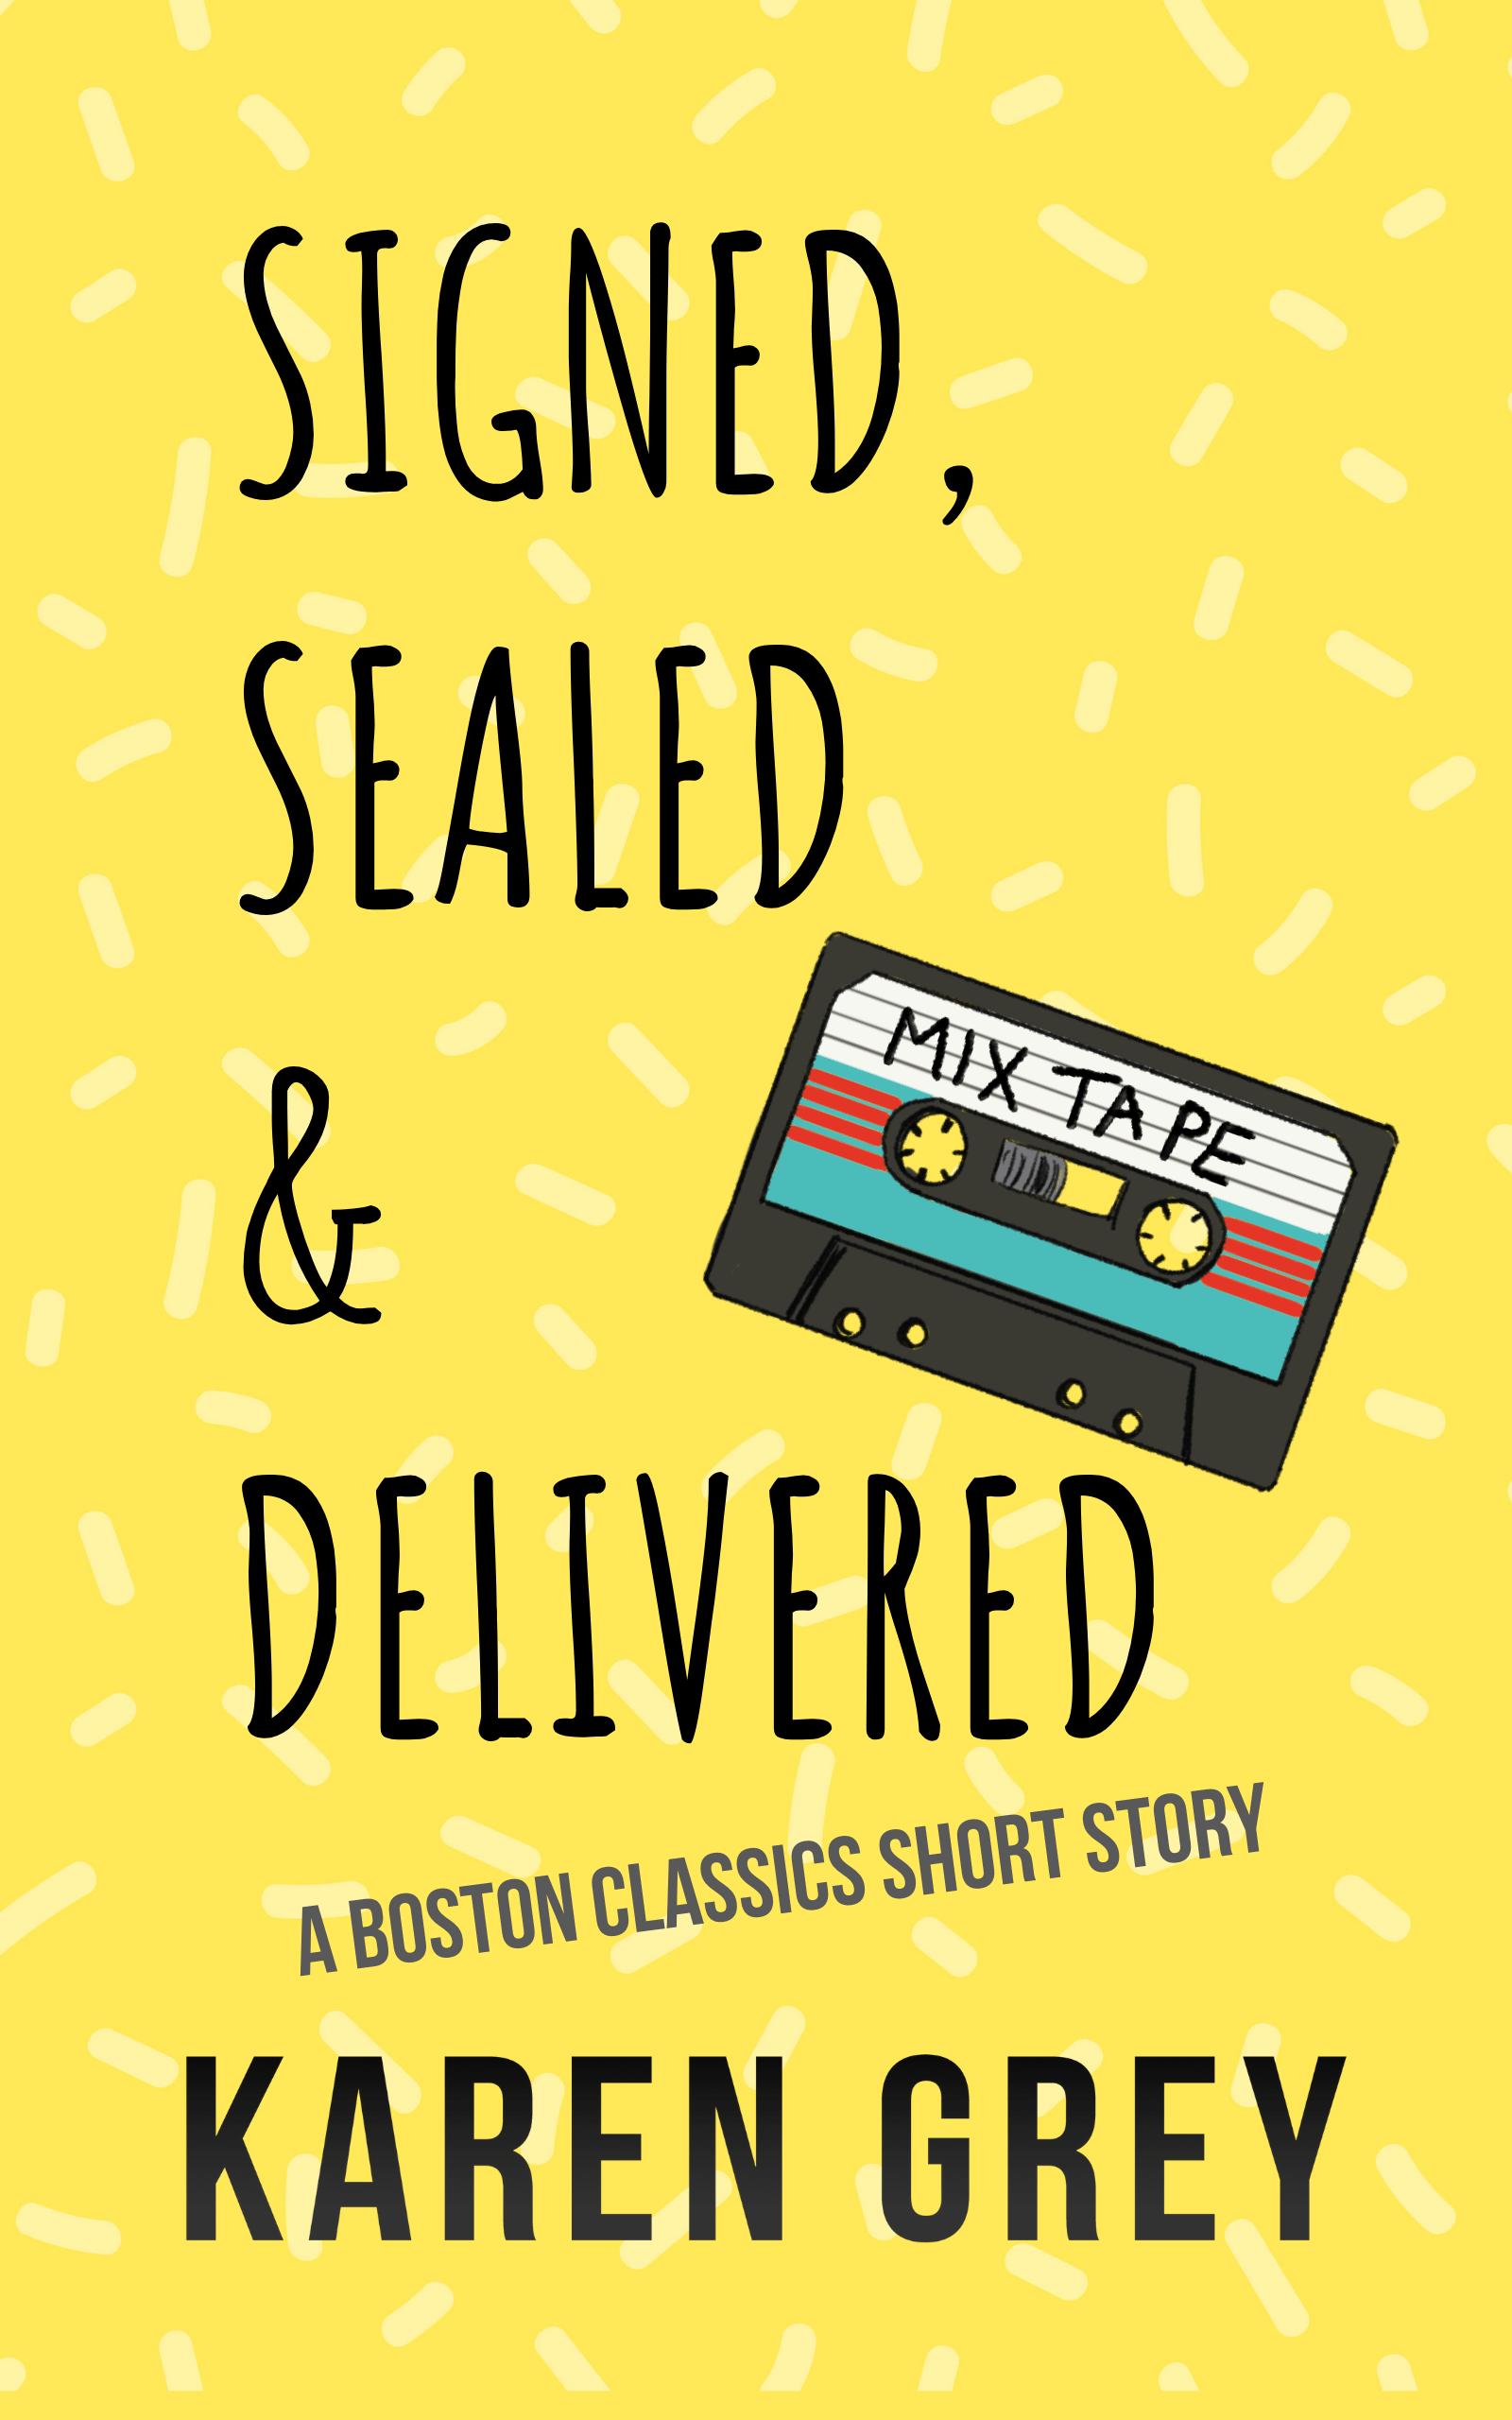 Signed-Sealed-Delivered-Cover.png